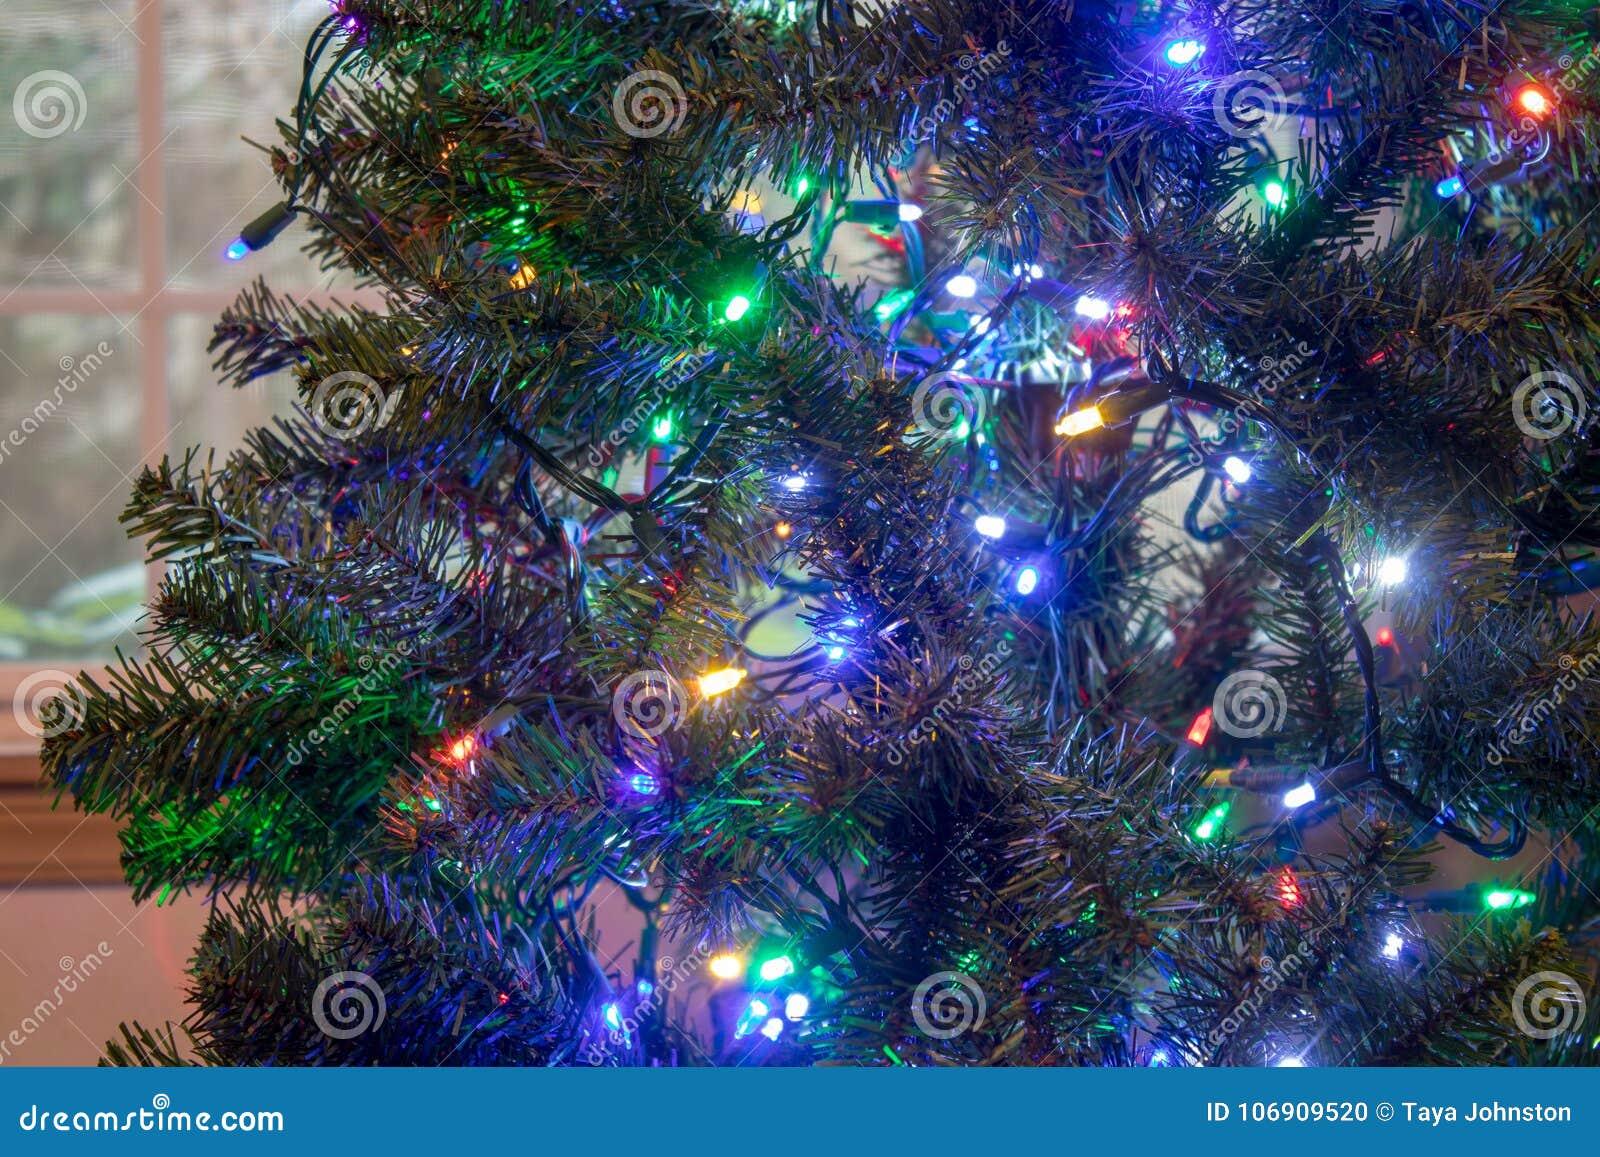 Jaskrawi bożonarodzeniowe światła wiesza w zielonym drzewie